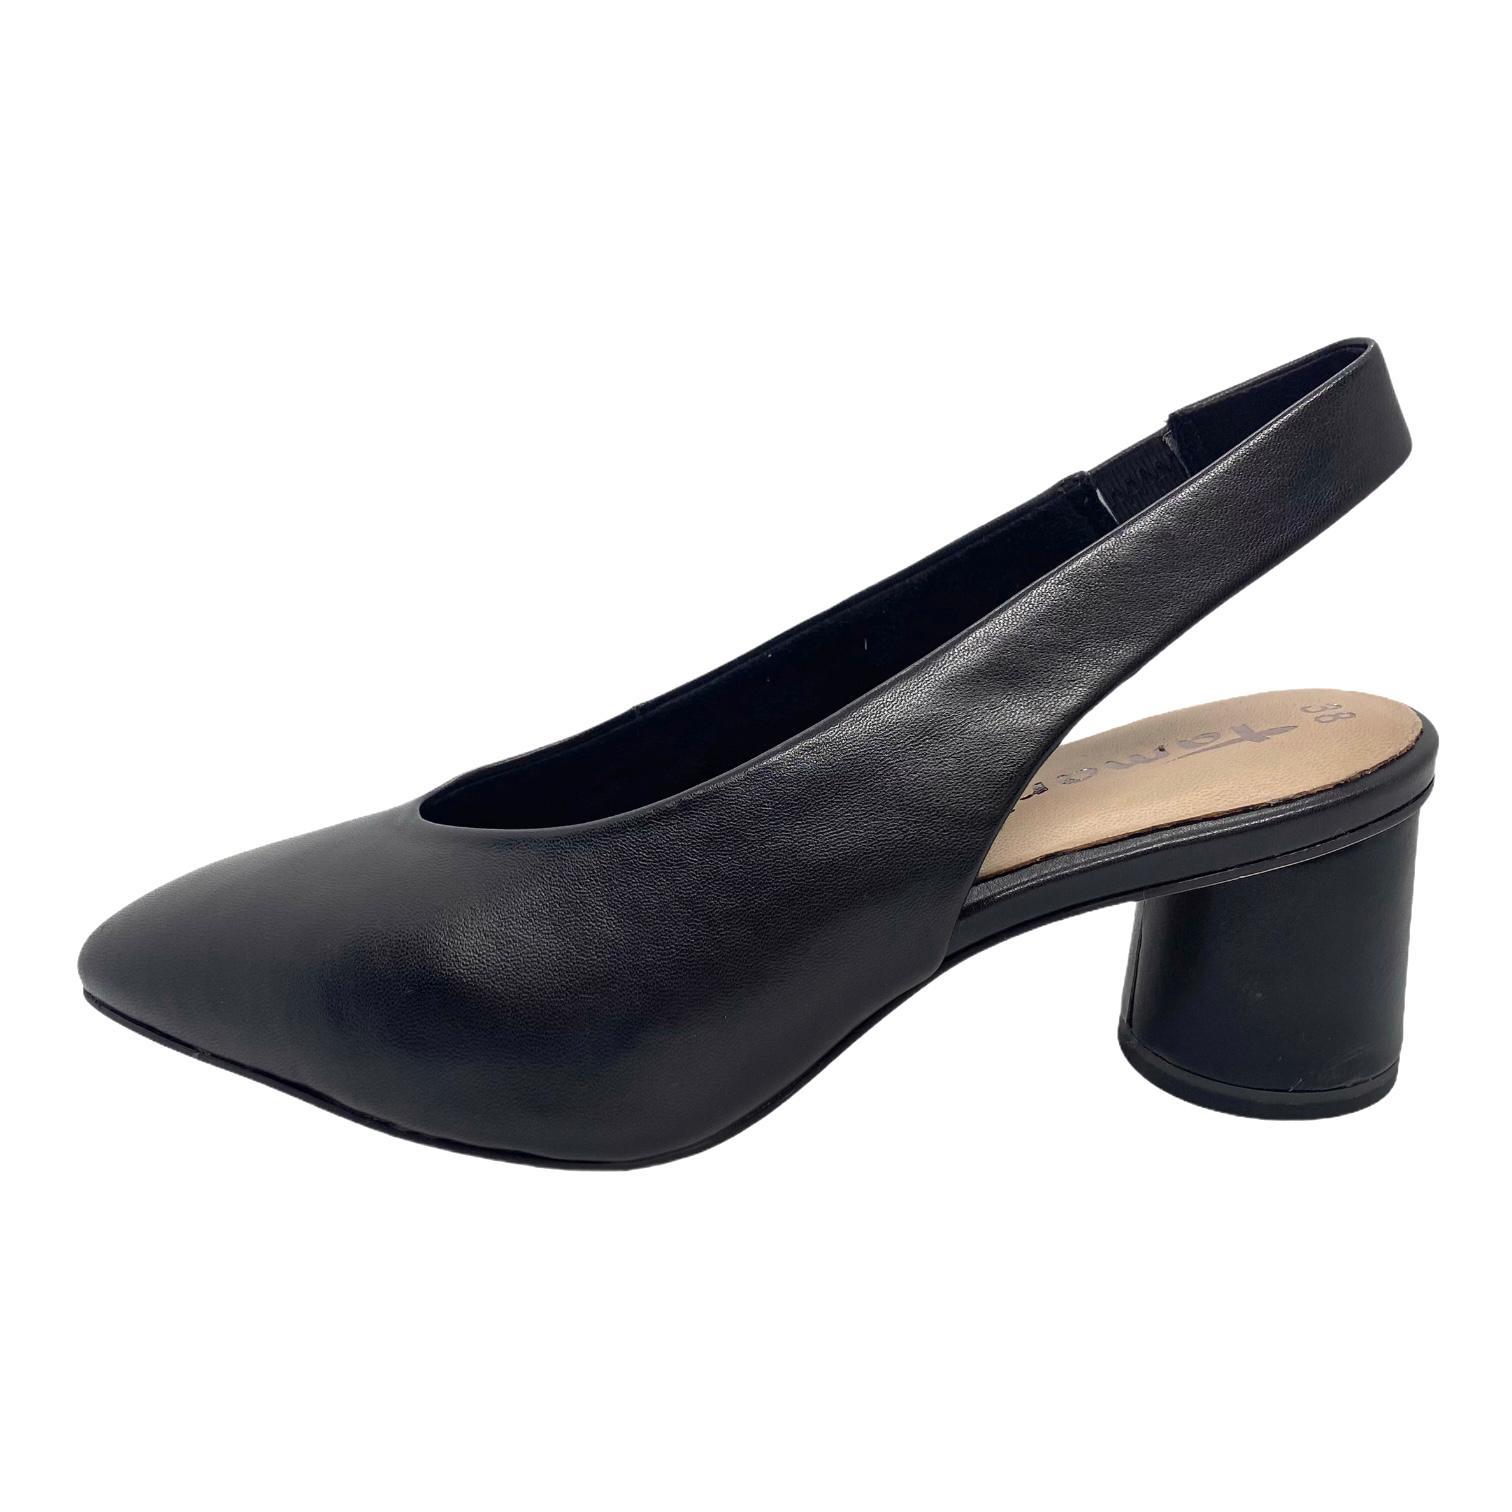 Pantofi Tamaris negri cu toc rotund decupati in spate